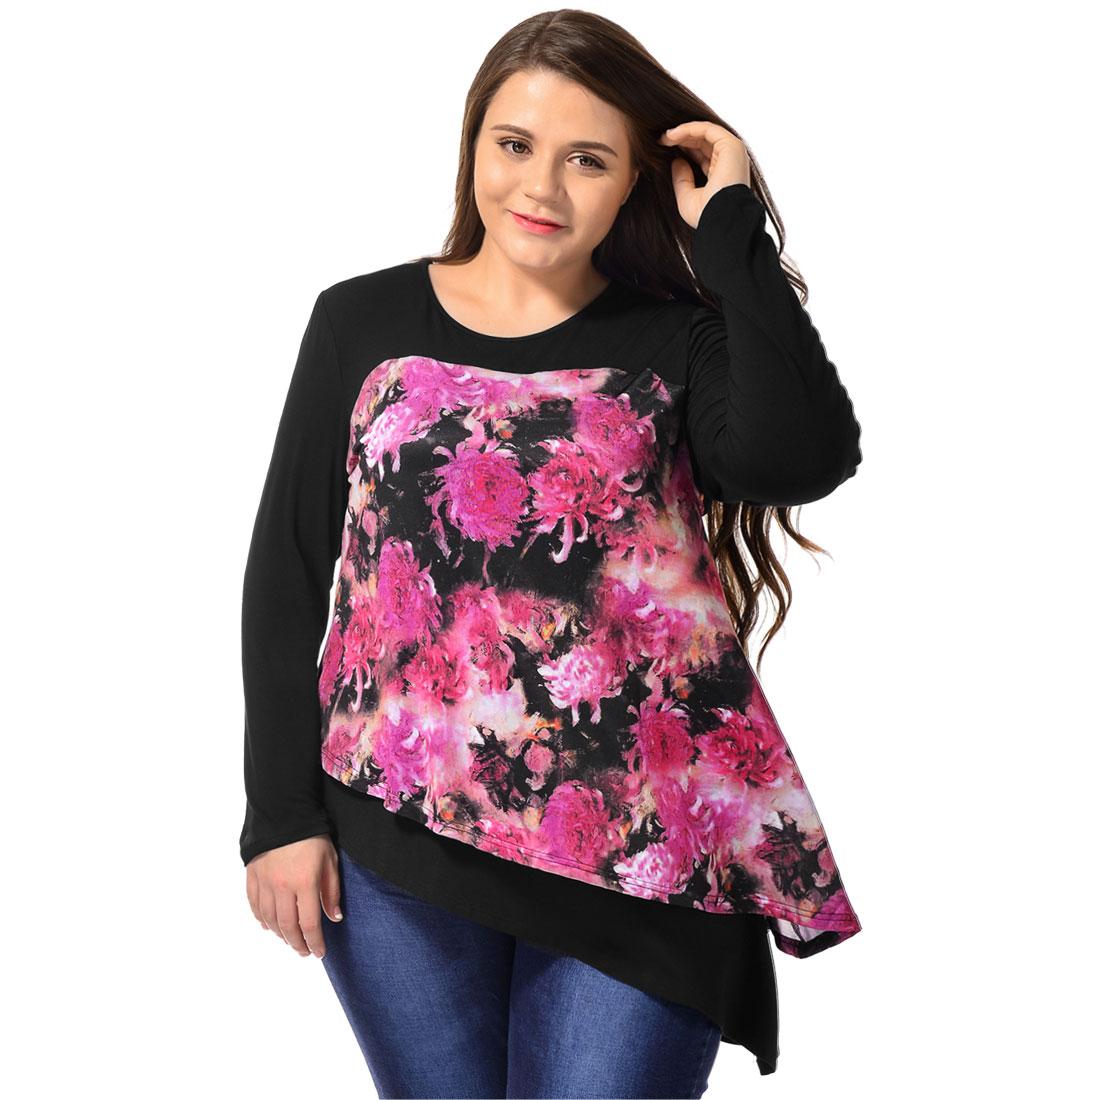 Women Plus Size Floral Prints Asymmetric Hem Layered Tunic Top Black 1X